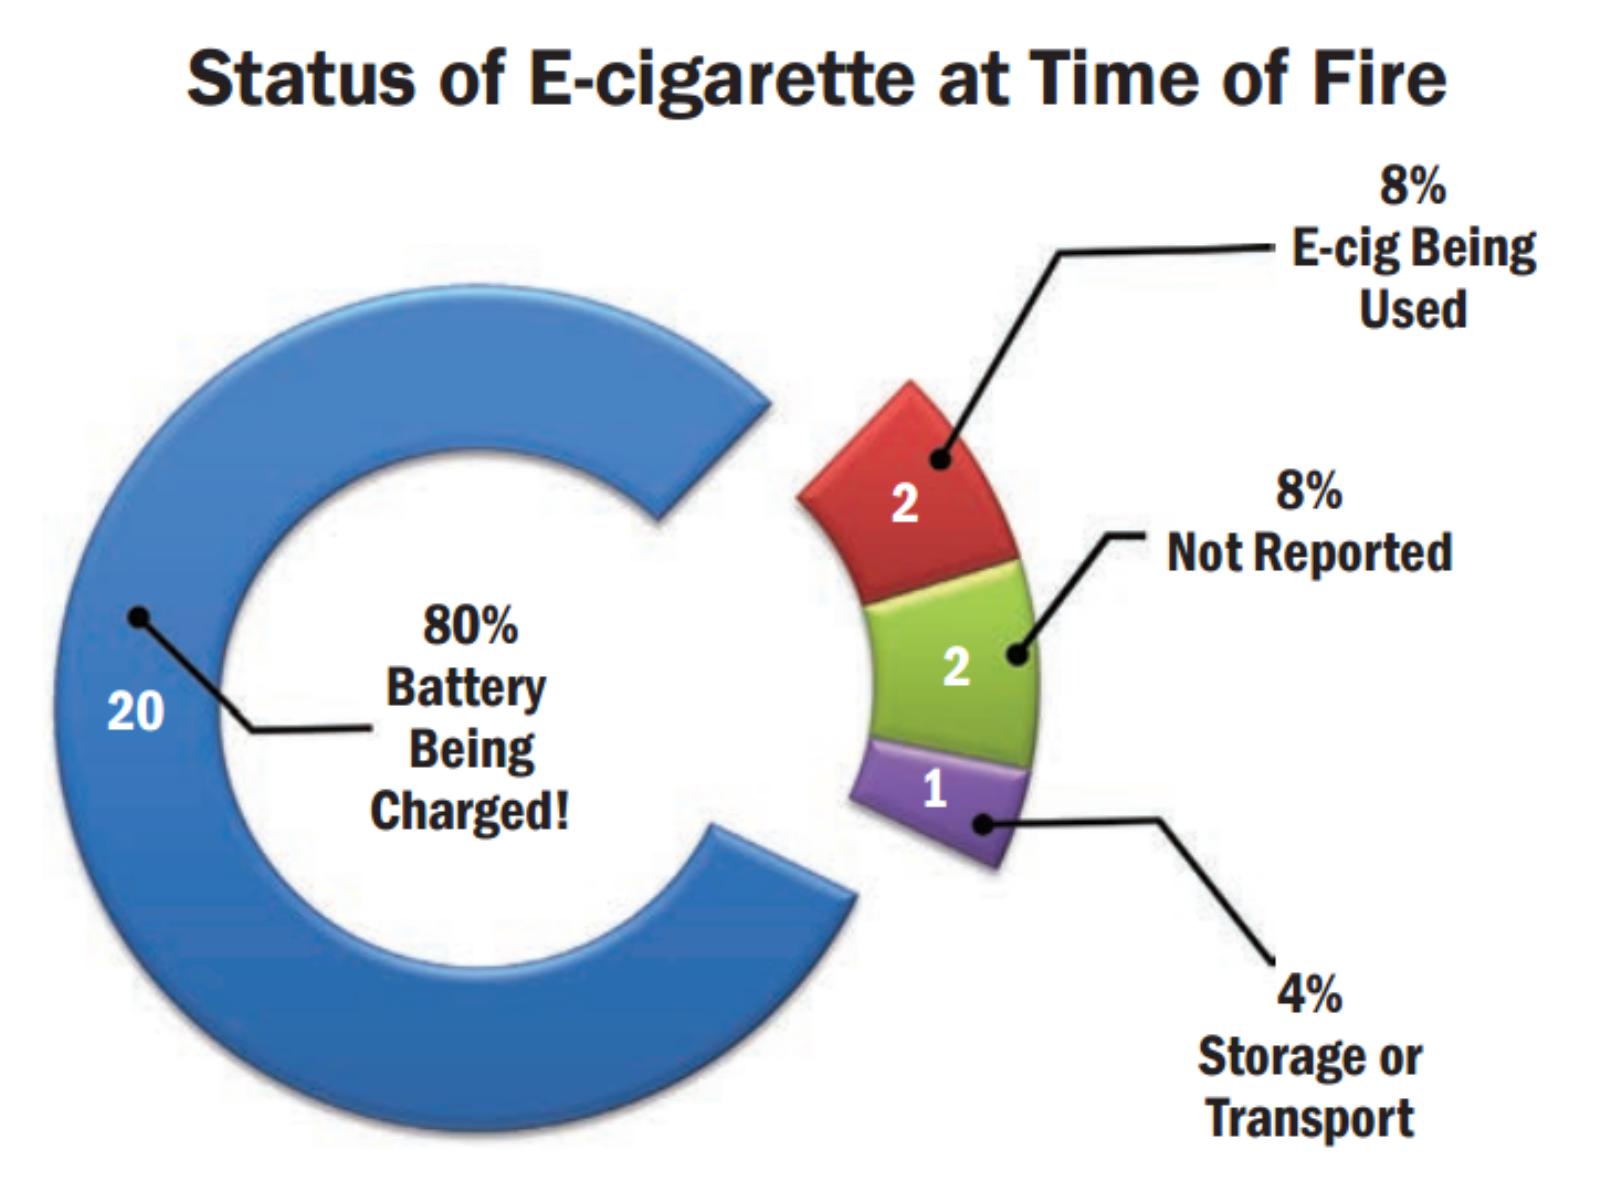 Курение наносит тяжкие телесные повреждения: взрыв электронной сигареты может лишить человека глаза, зубов или ноги